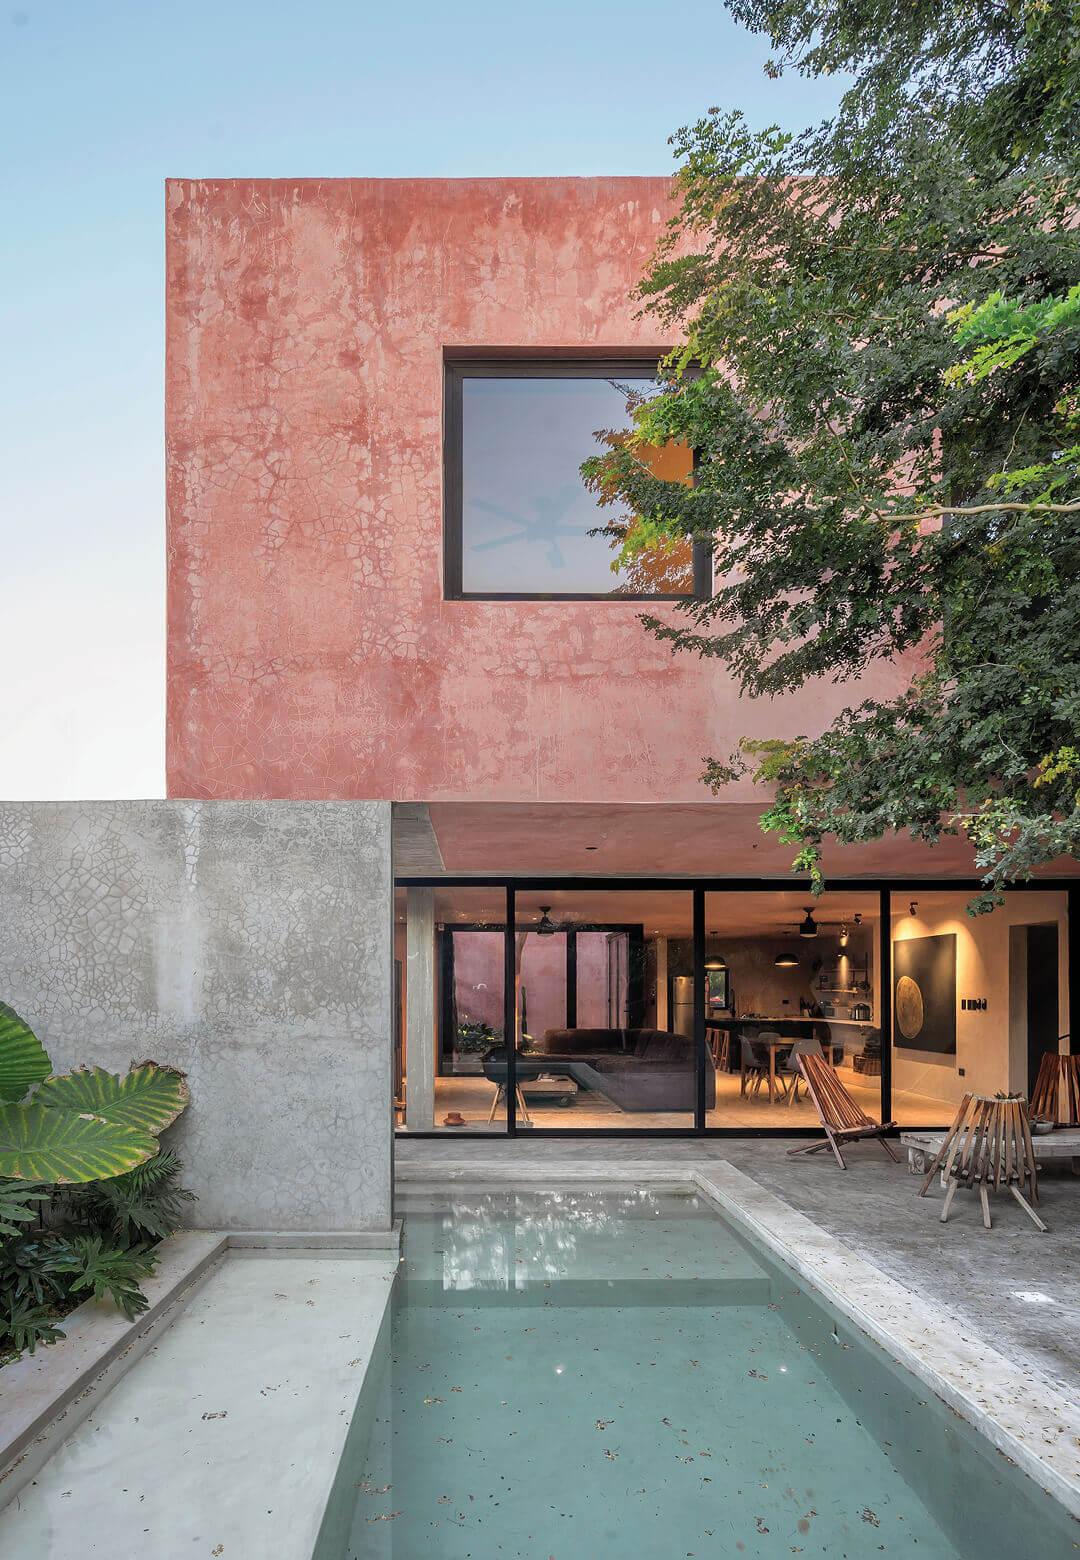 Casa Bugambilias by Taller Mexicano de Arquitectura in Yucatan, Mexico | STIRworld